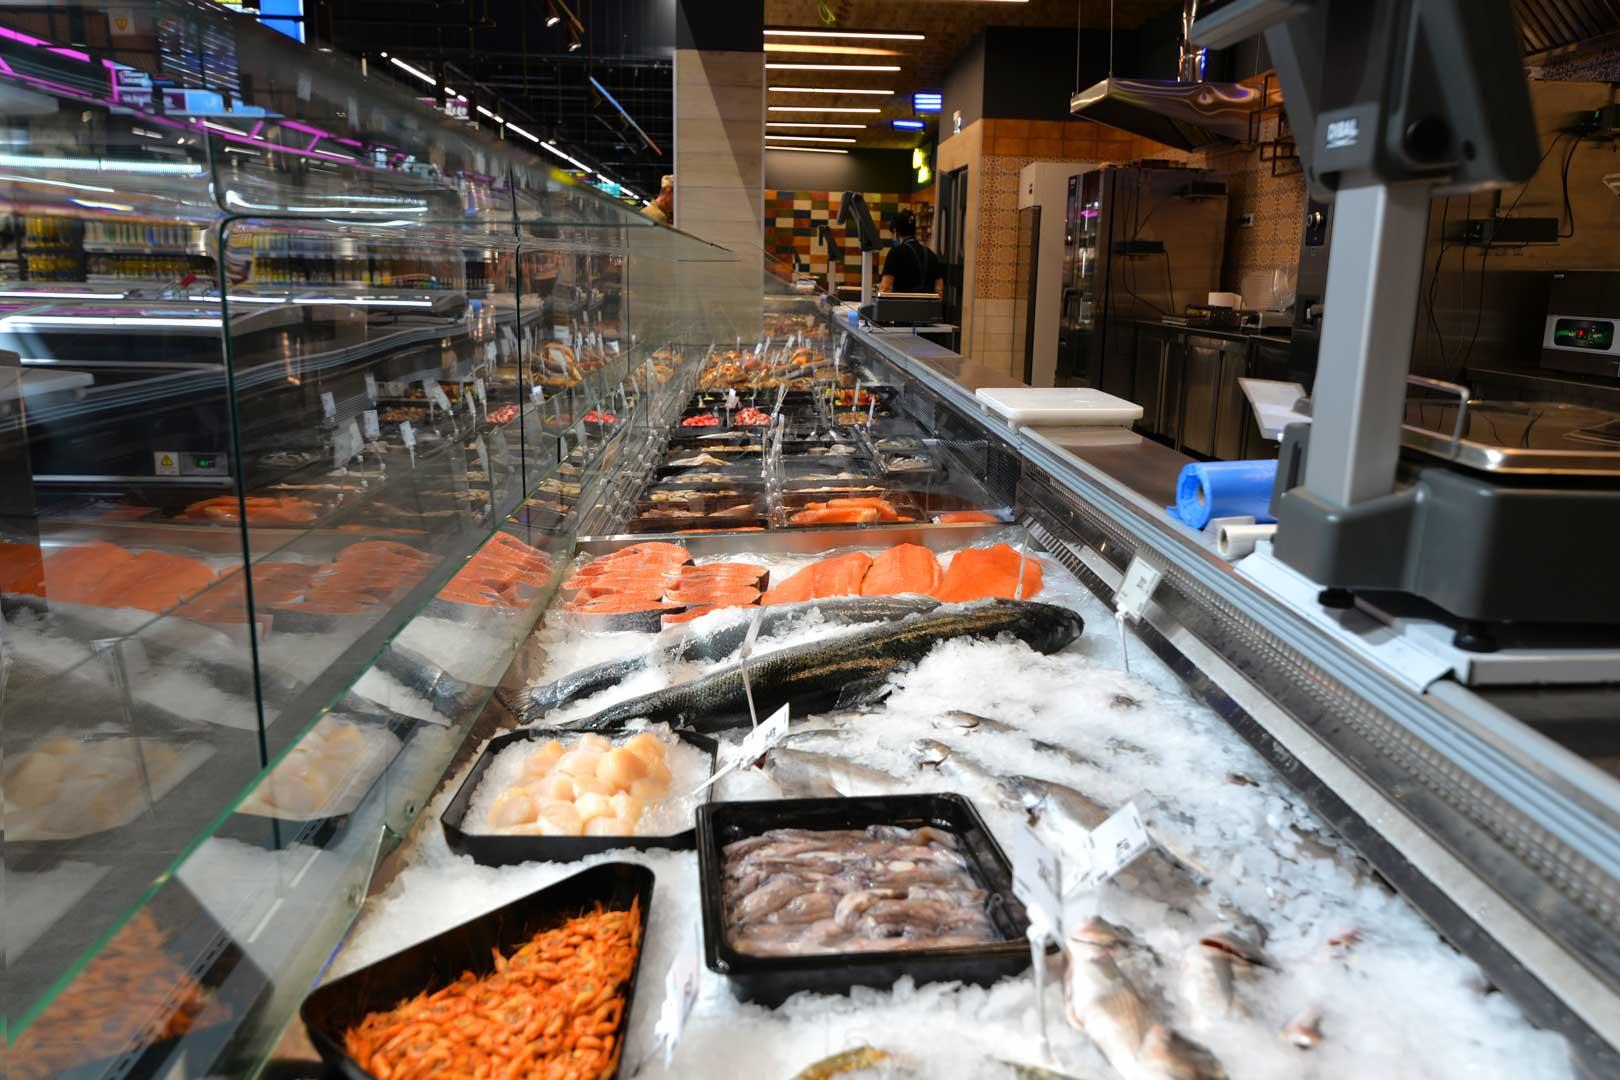 Спеціалізовані вітрини для продажу свіжої риби на льоду Мissouri MС 120 fish OS 120-SPLA-250